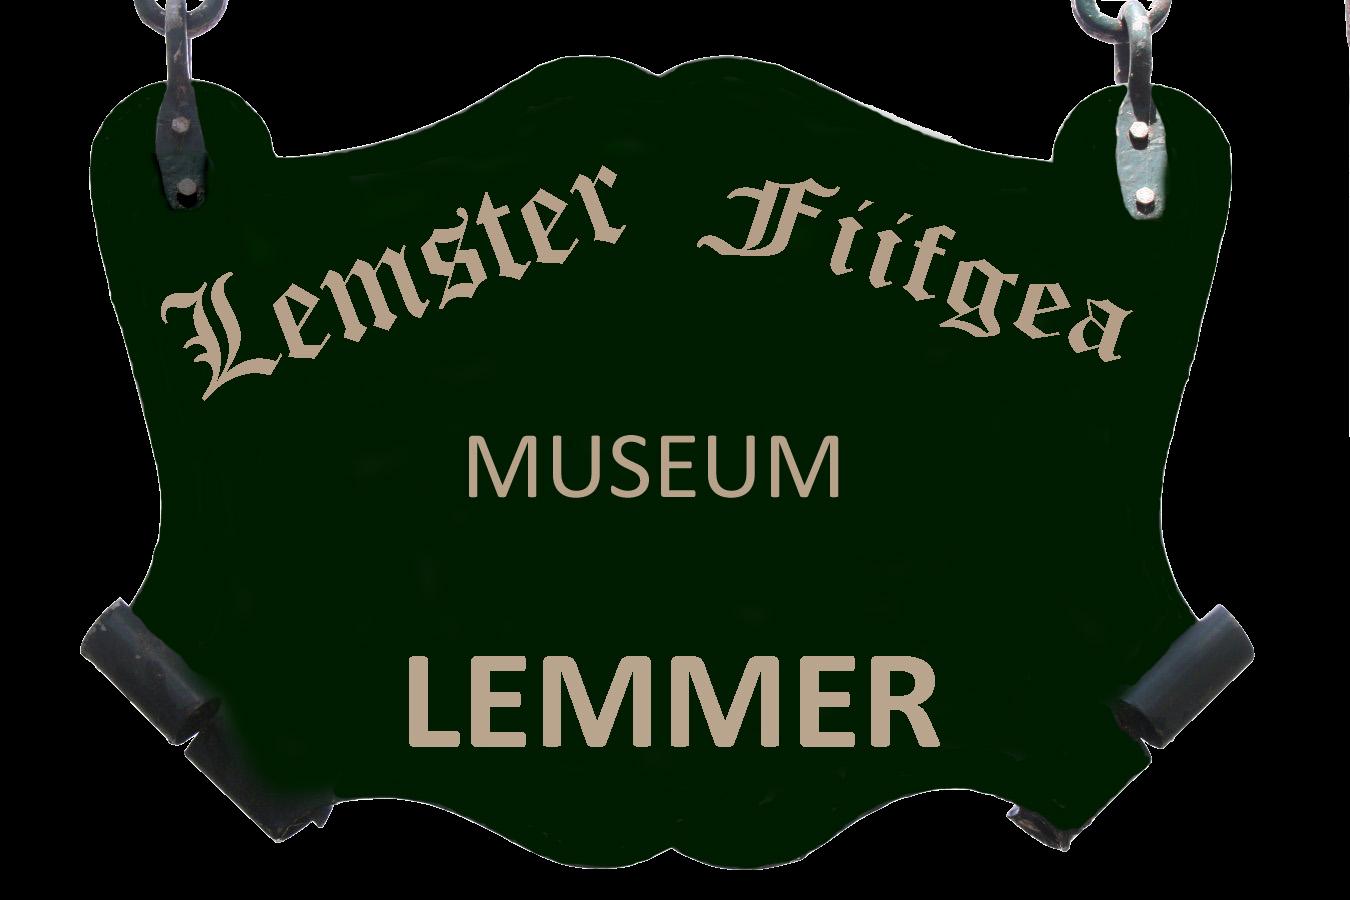 Museum Lemmer